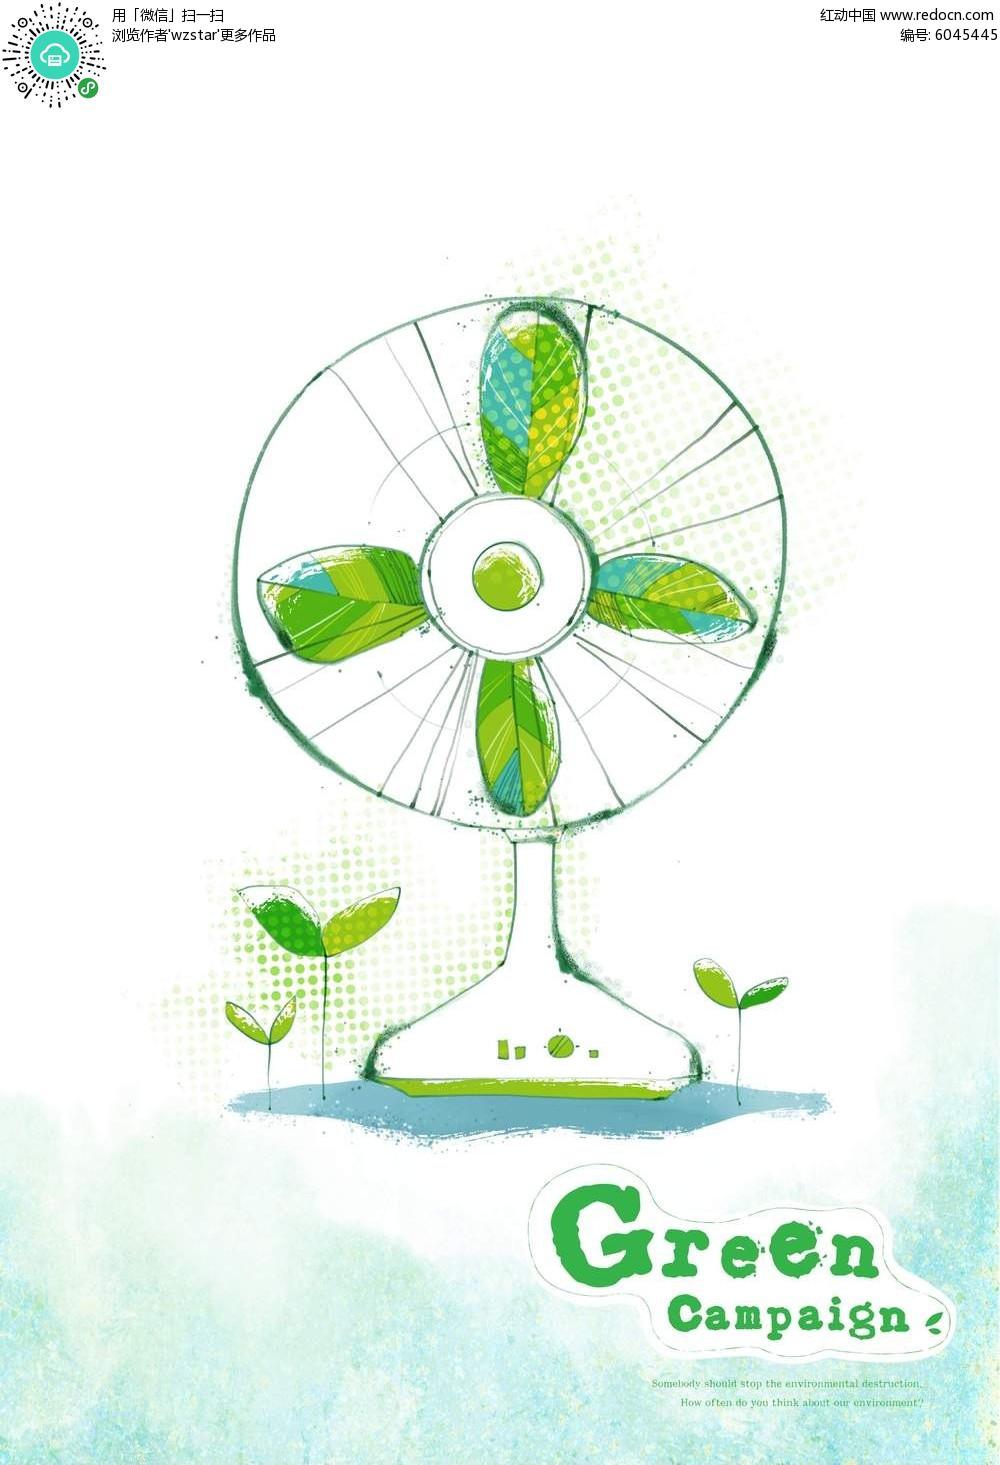 公益海报手绘图片 艺术节海报手绘图片 手绘公益环保创意海报